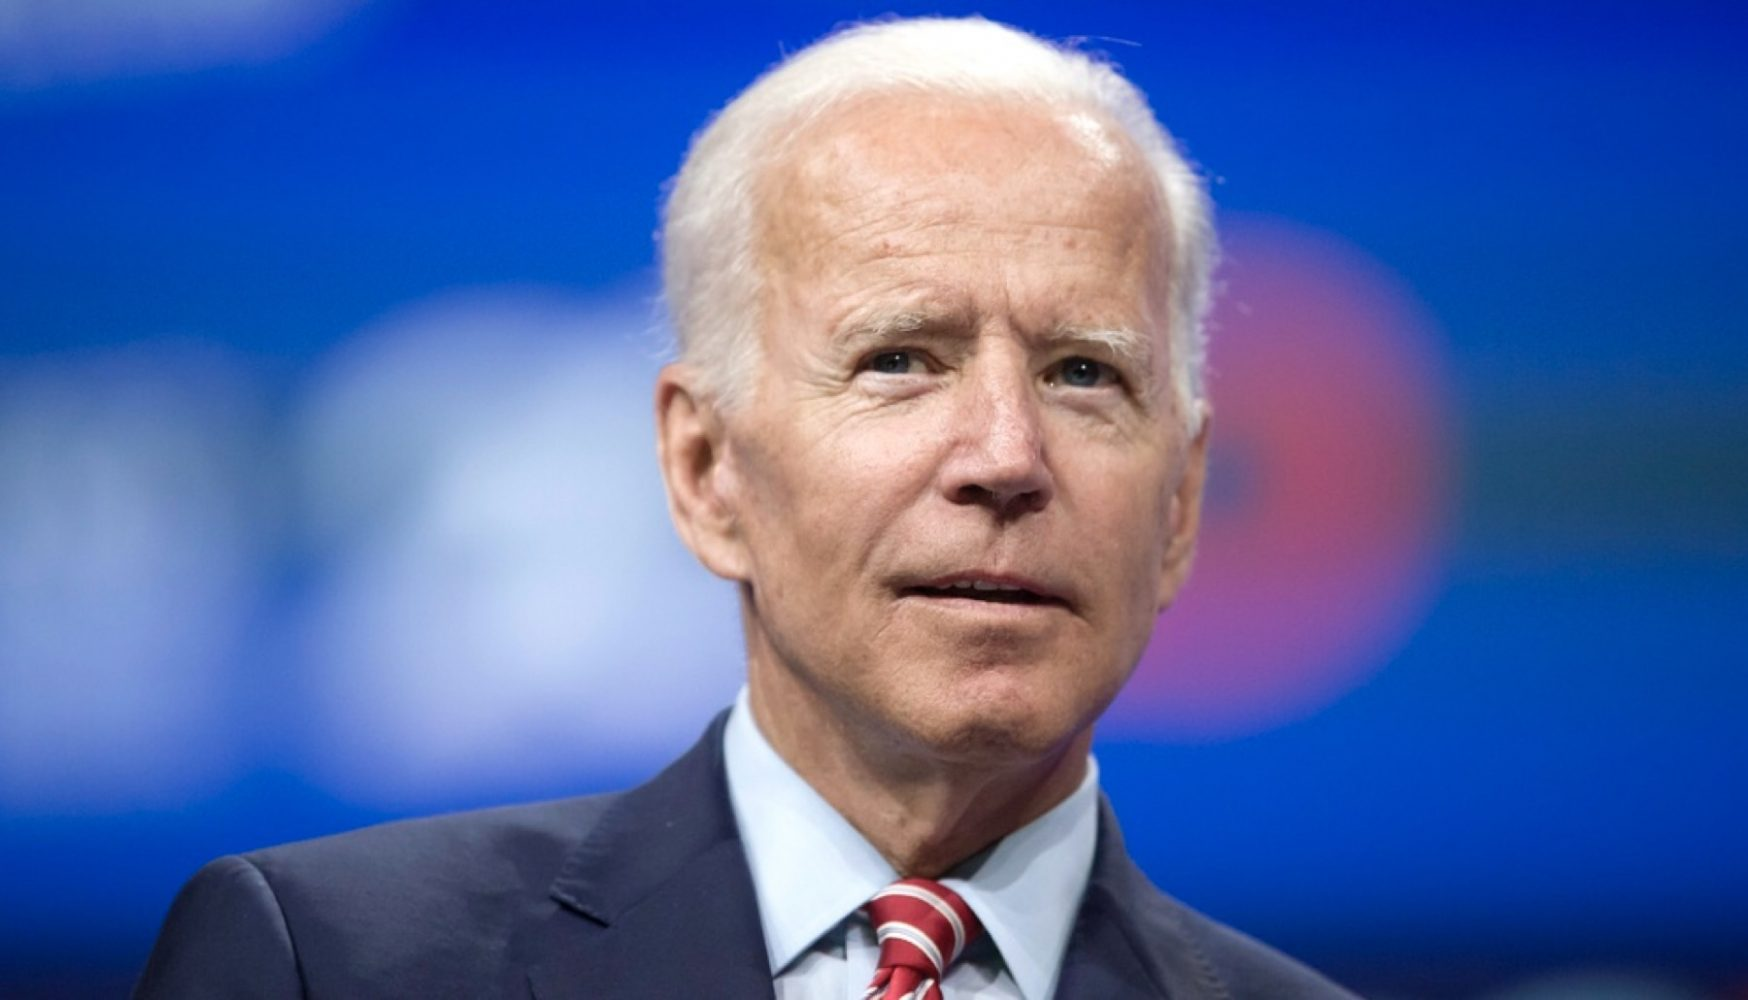 El presidente de EE.UU Joe Biden